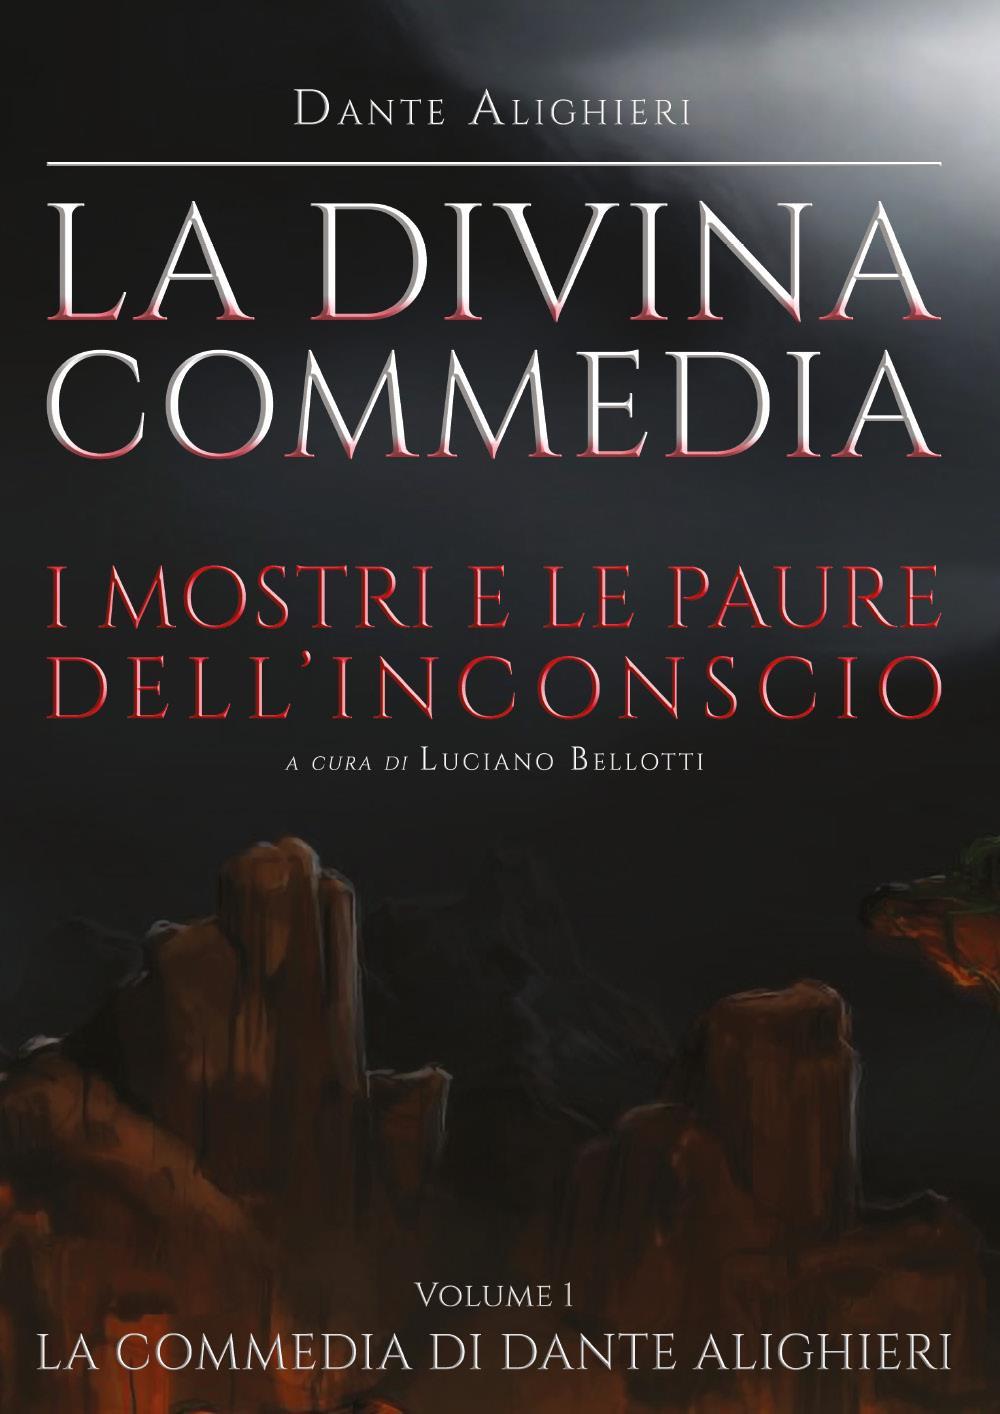 La Divina Commedia - Inferno